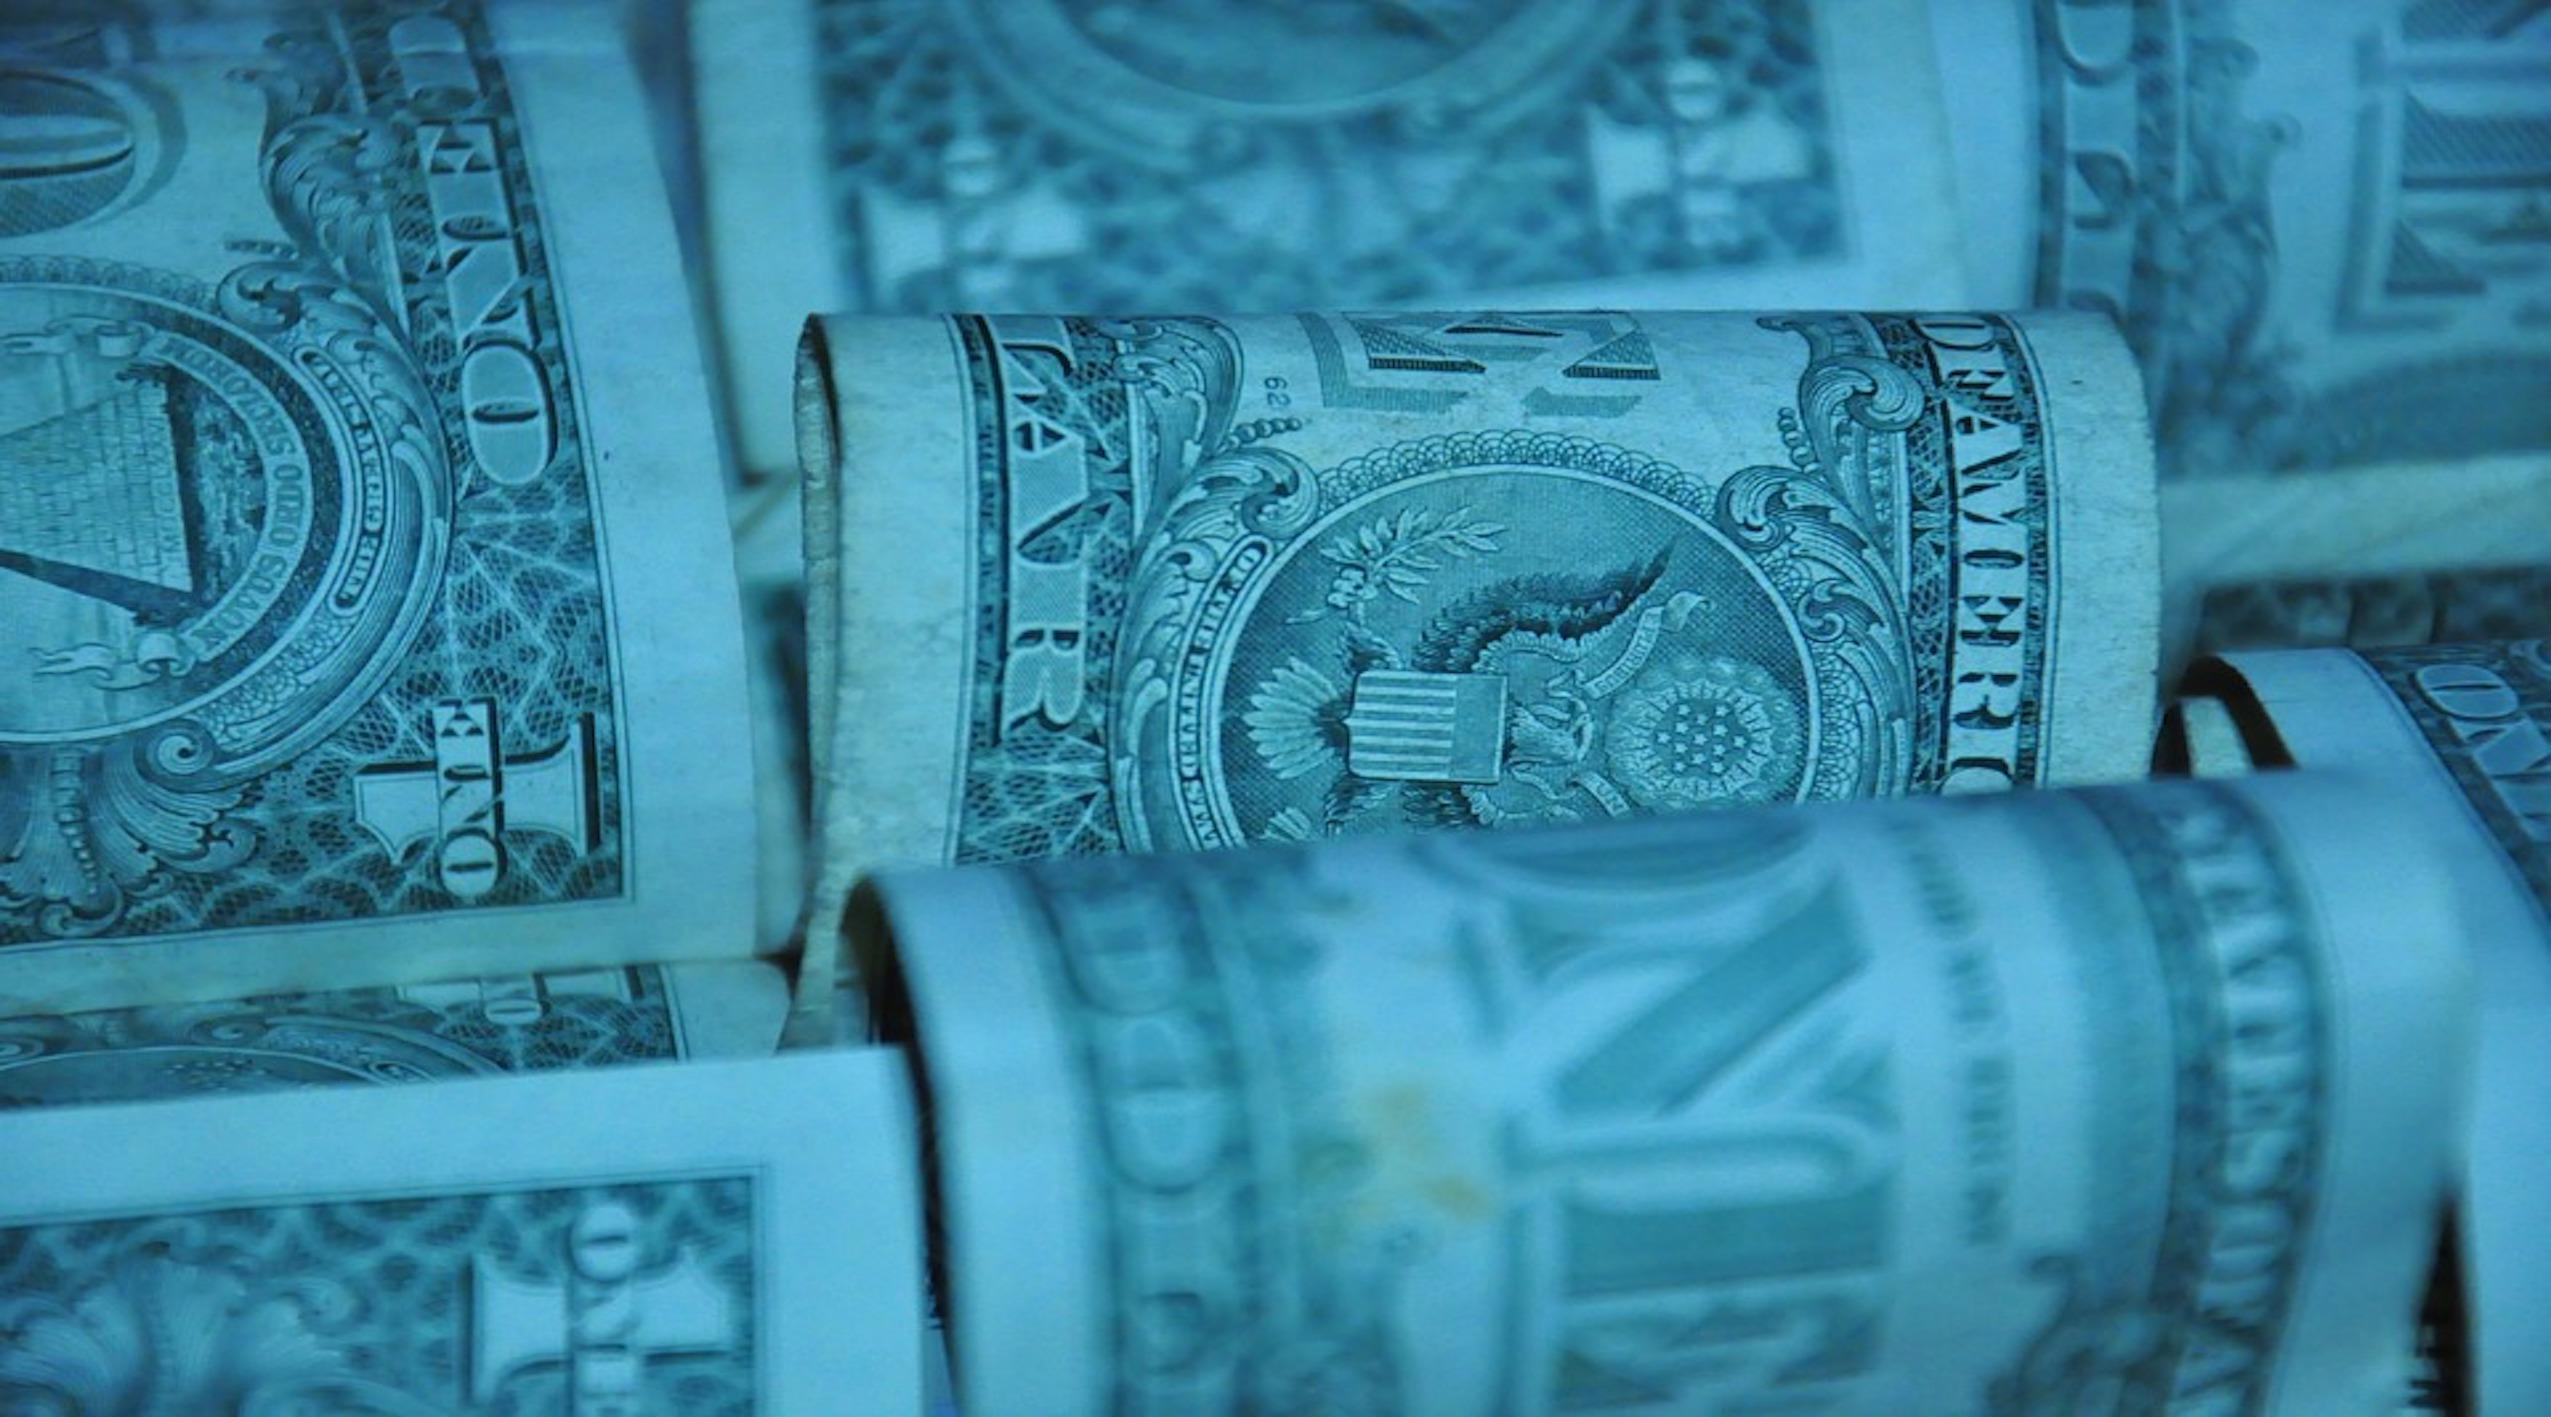 中小企业在融资过程中需要注意什么?